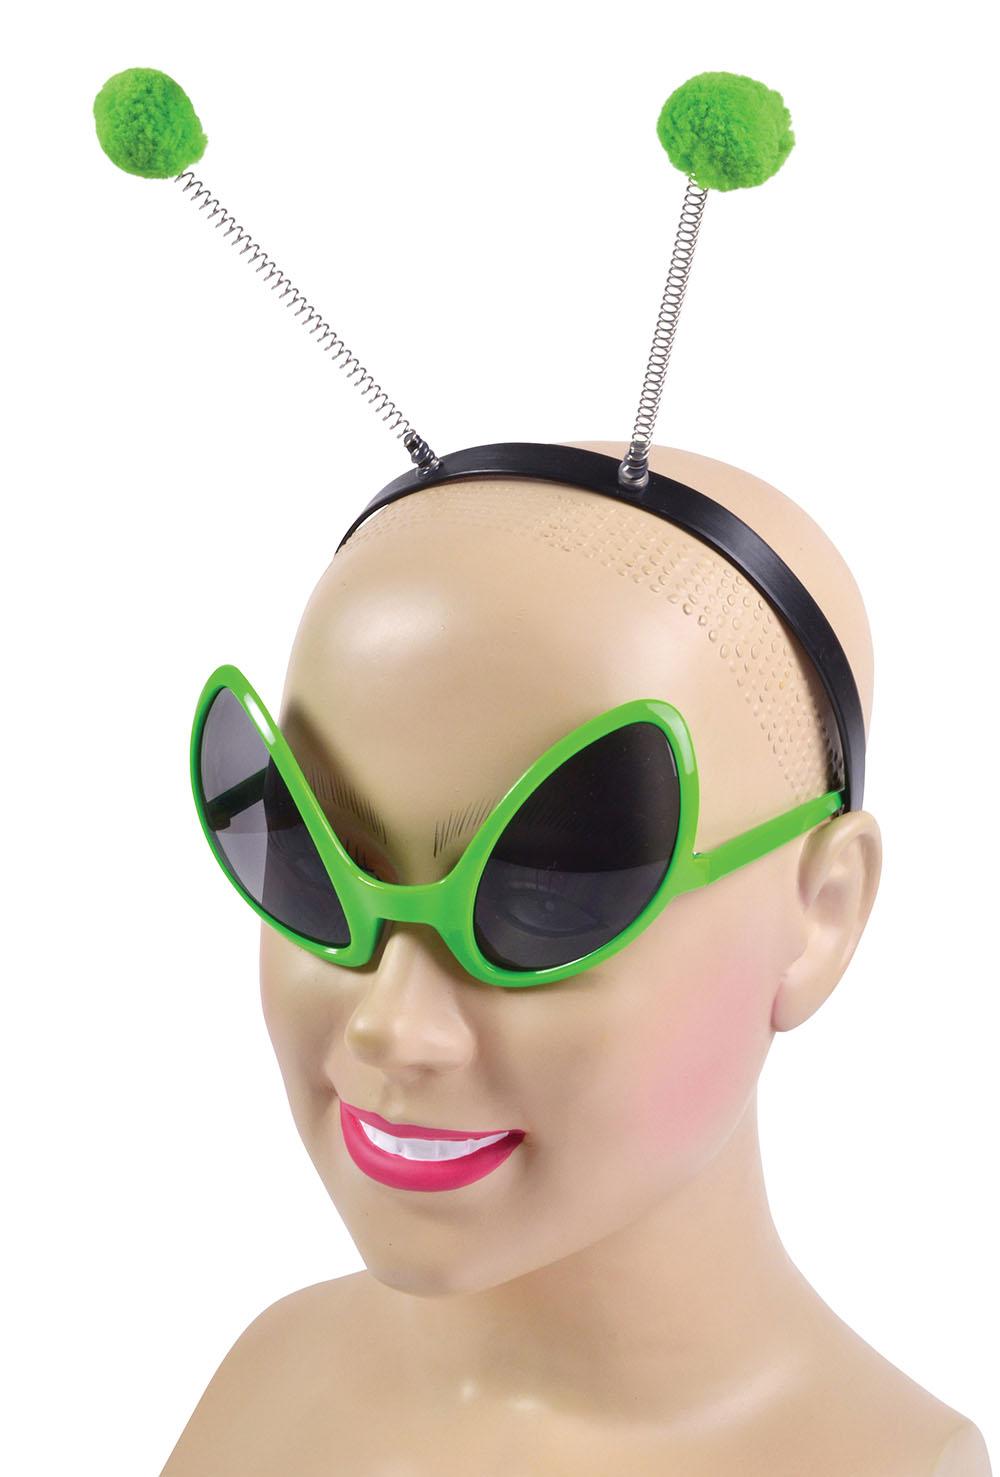 ALIEN Occhiali E Fascia Per Capelli Set-Costume Accessorio